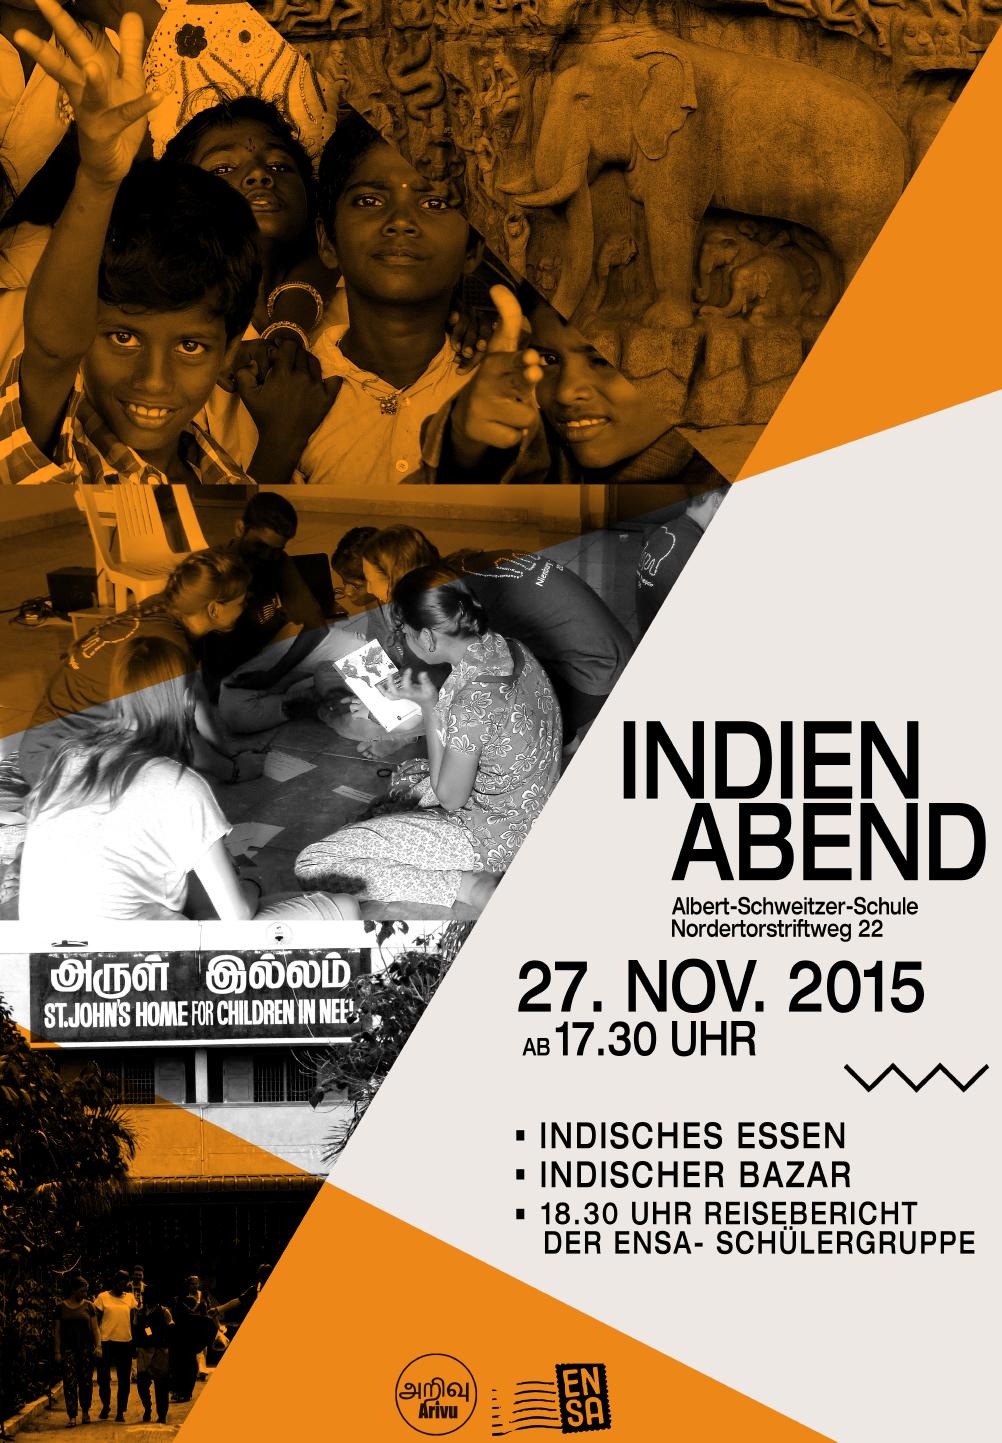 Indien-Abend am 27.11. ab 17:30 Uhr